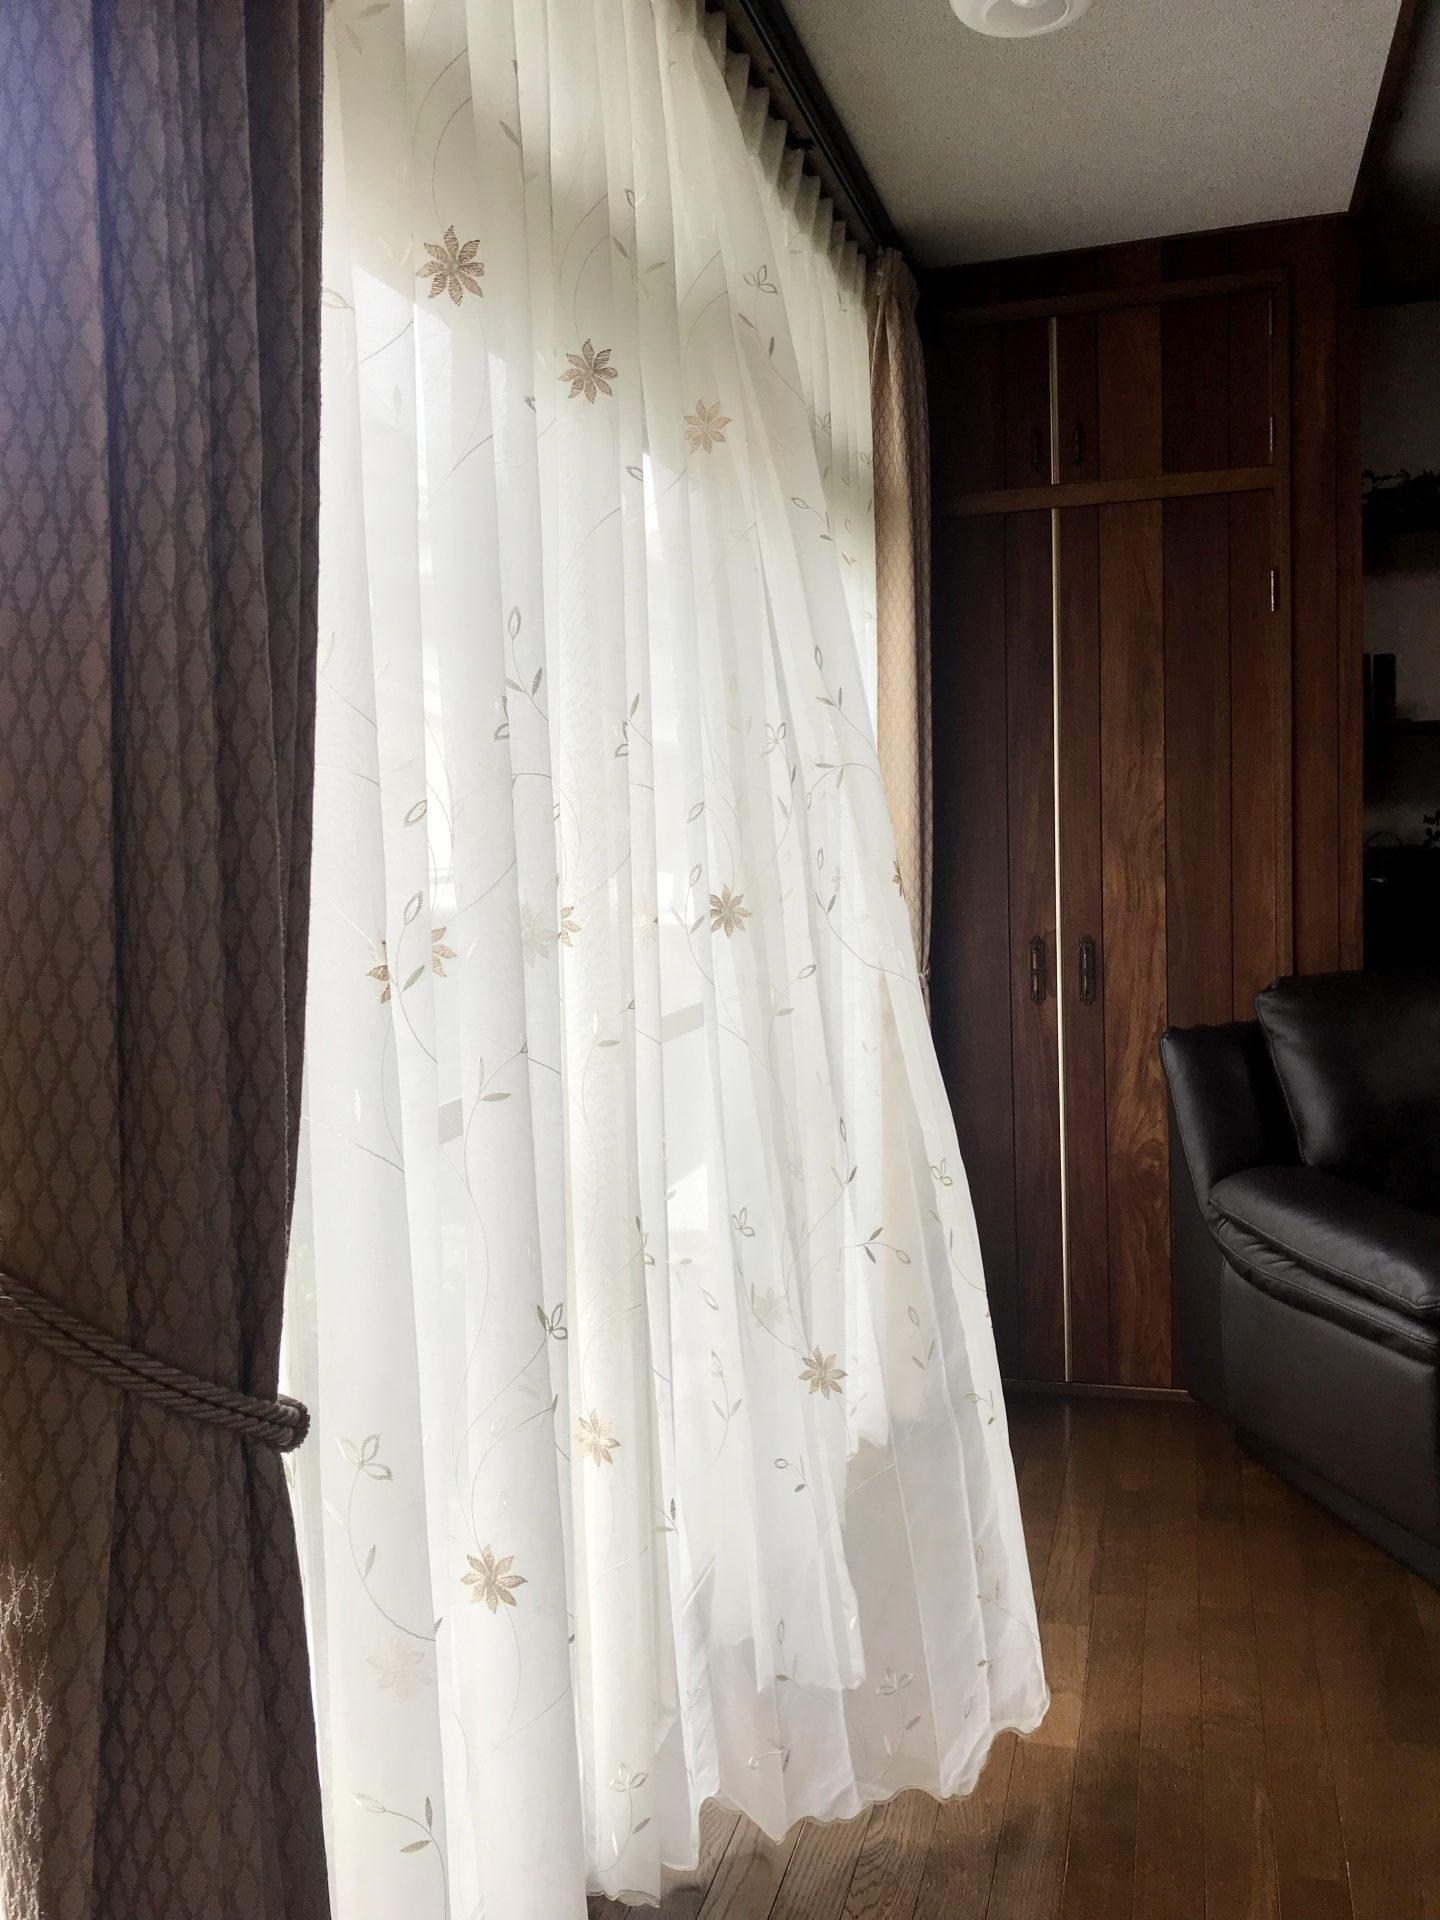 レースカーテンを吊り替えてお部屋の雰囲気を変える